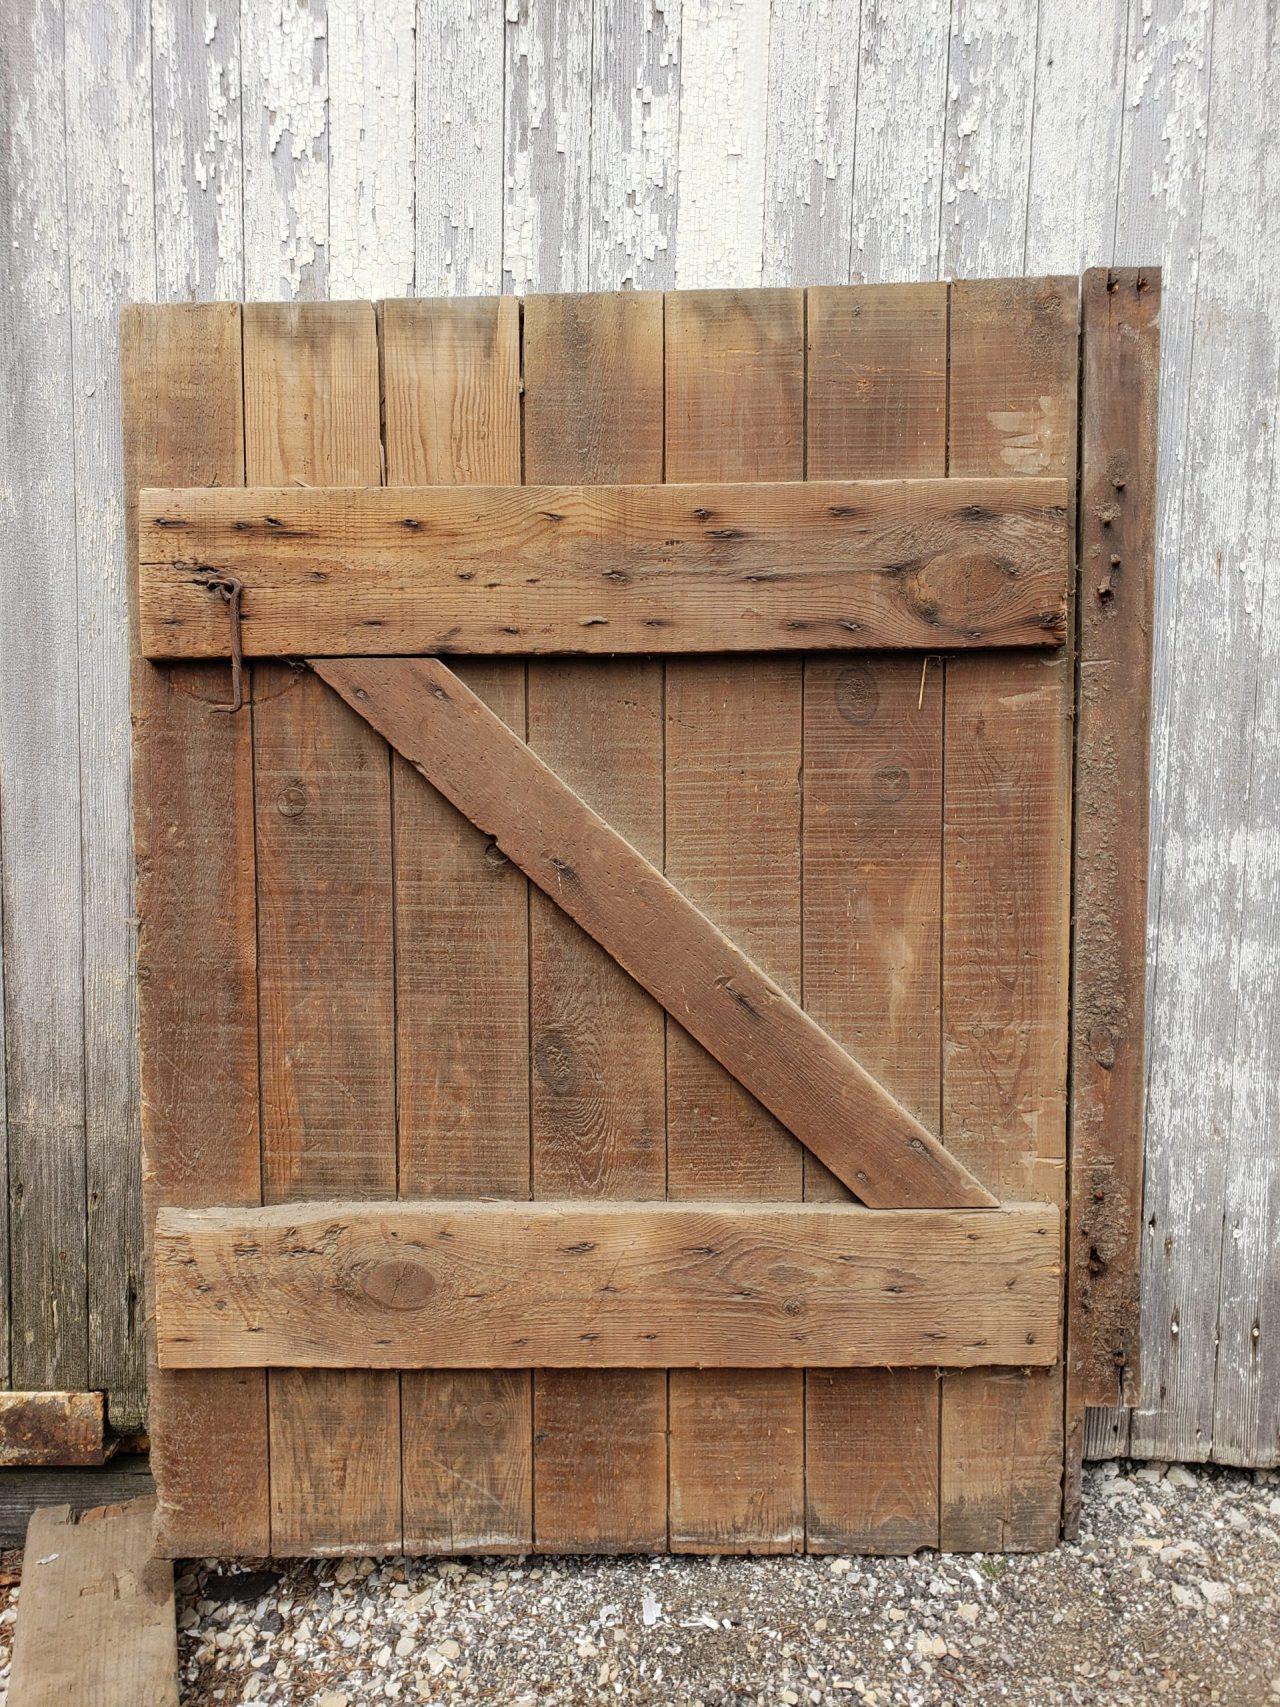 1. Barn Door